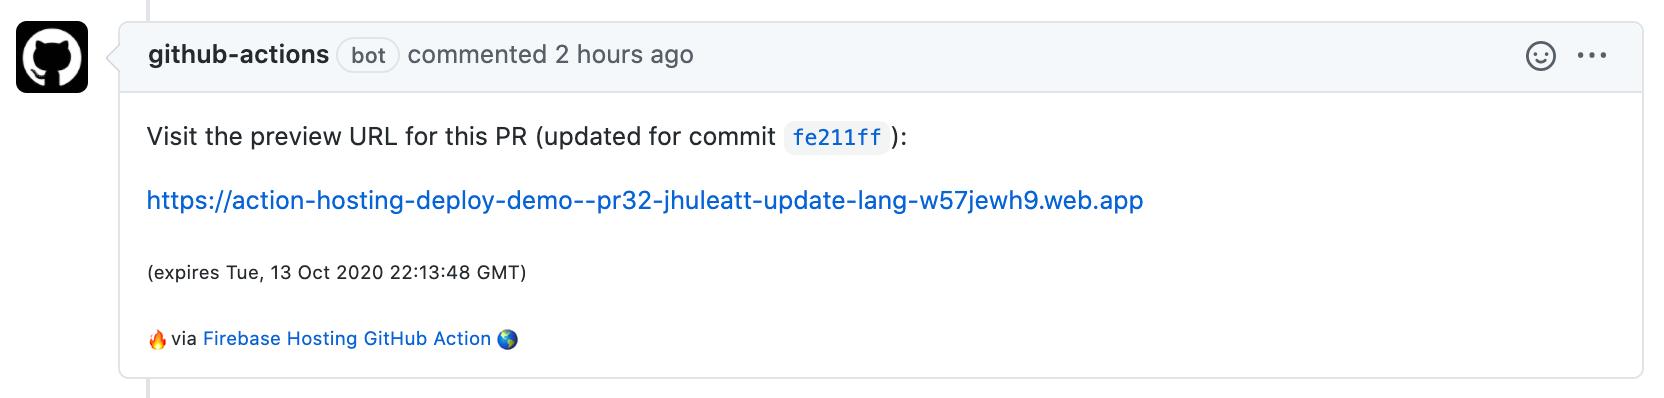 Önizleme URL'si ile GitHub Action PR yorumunun resmi